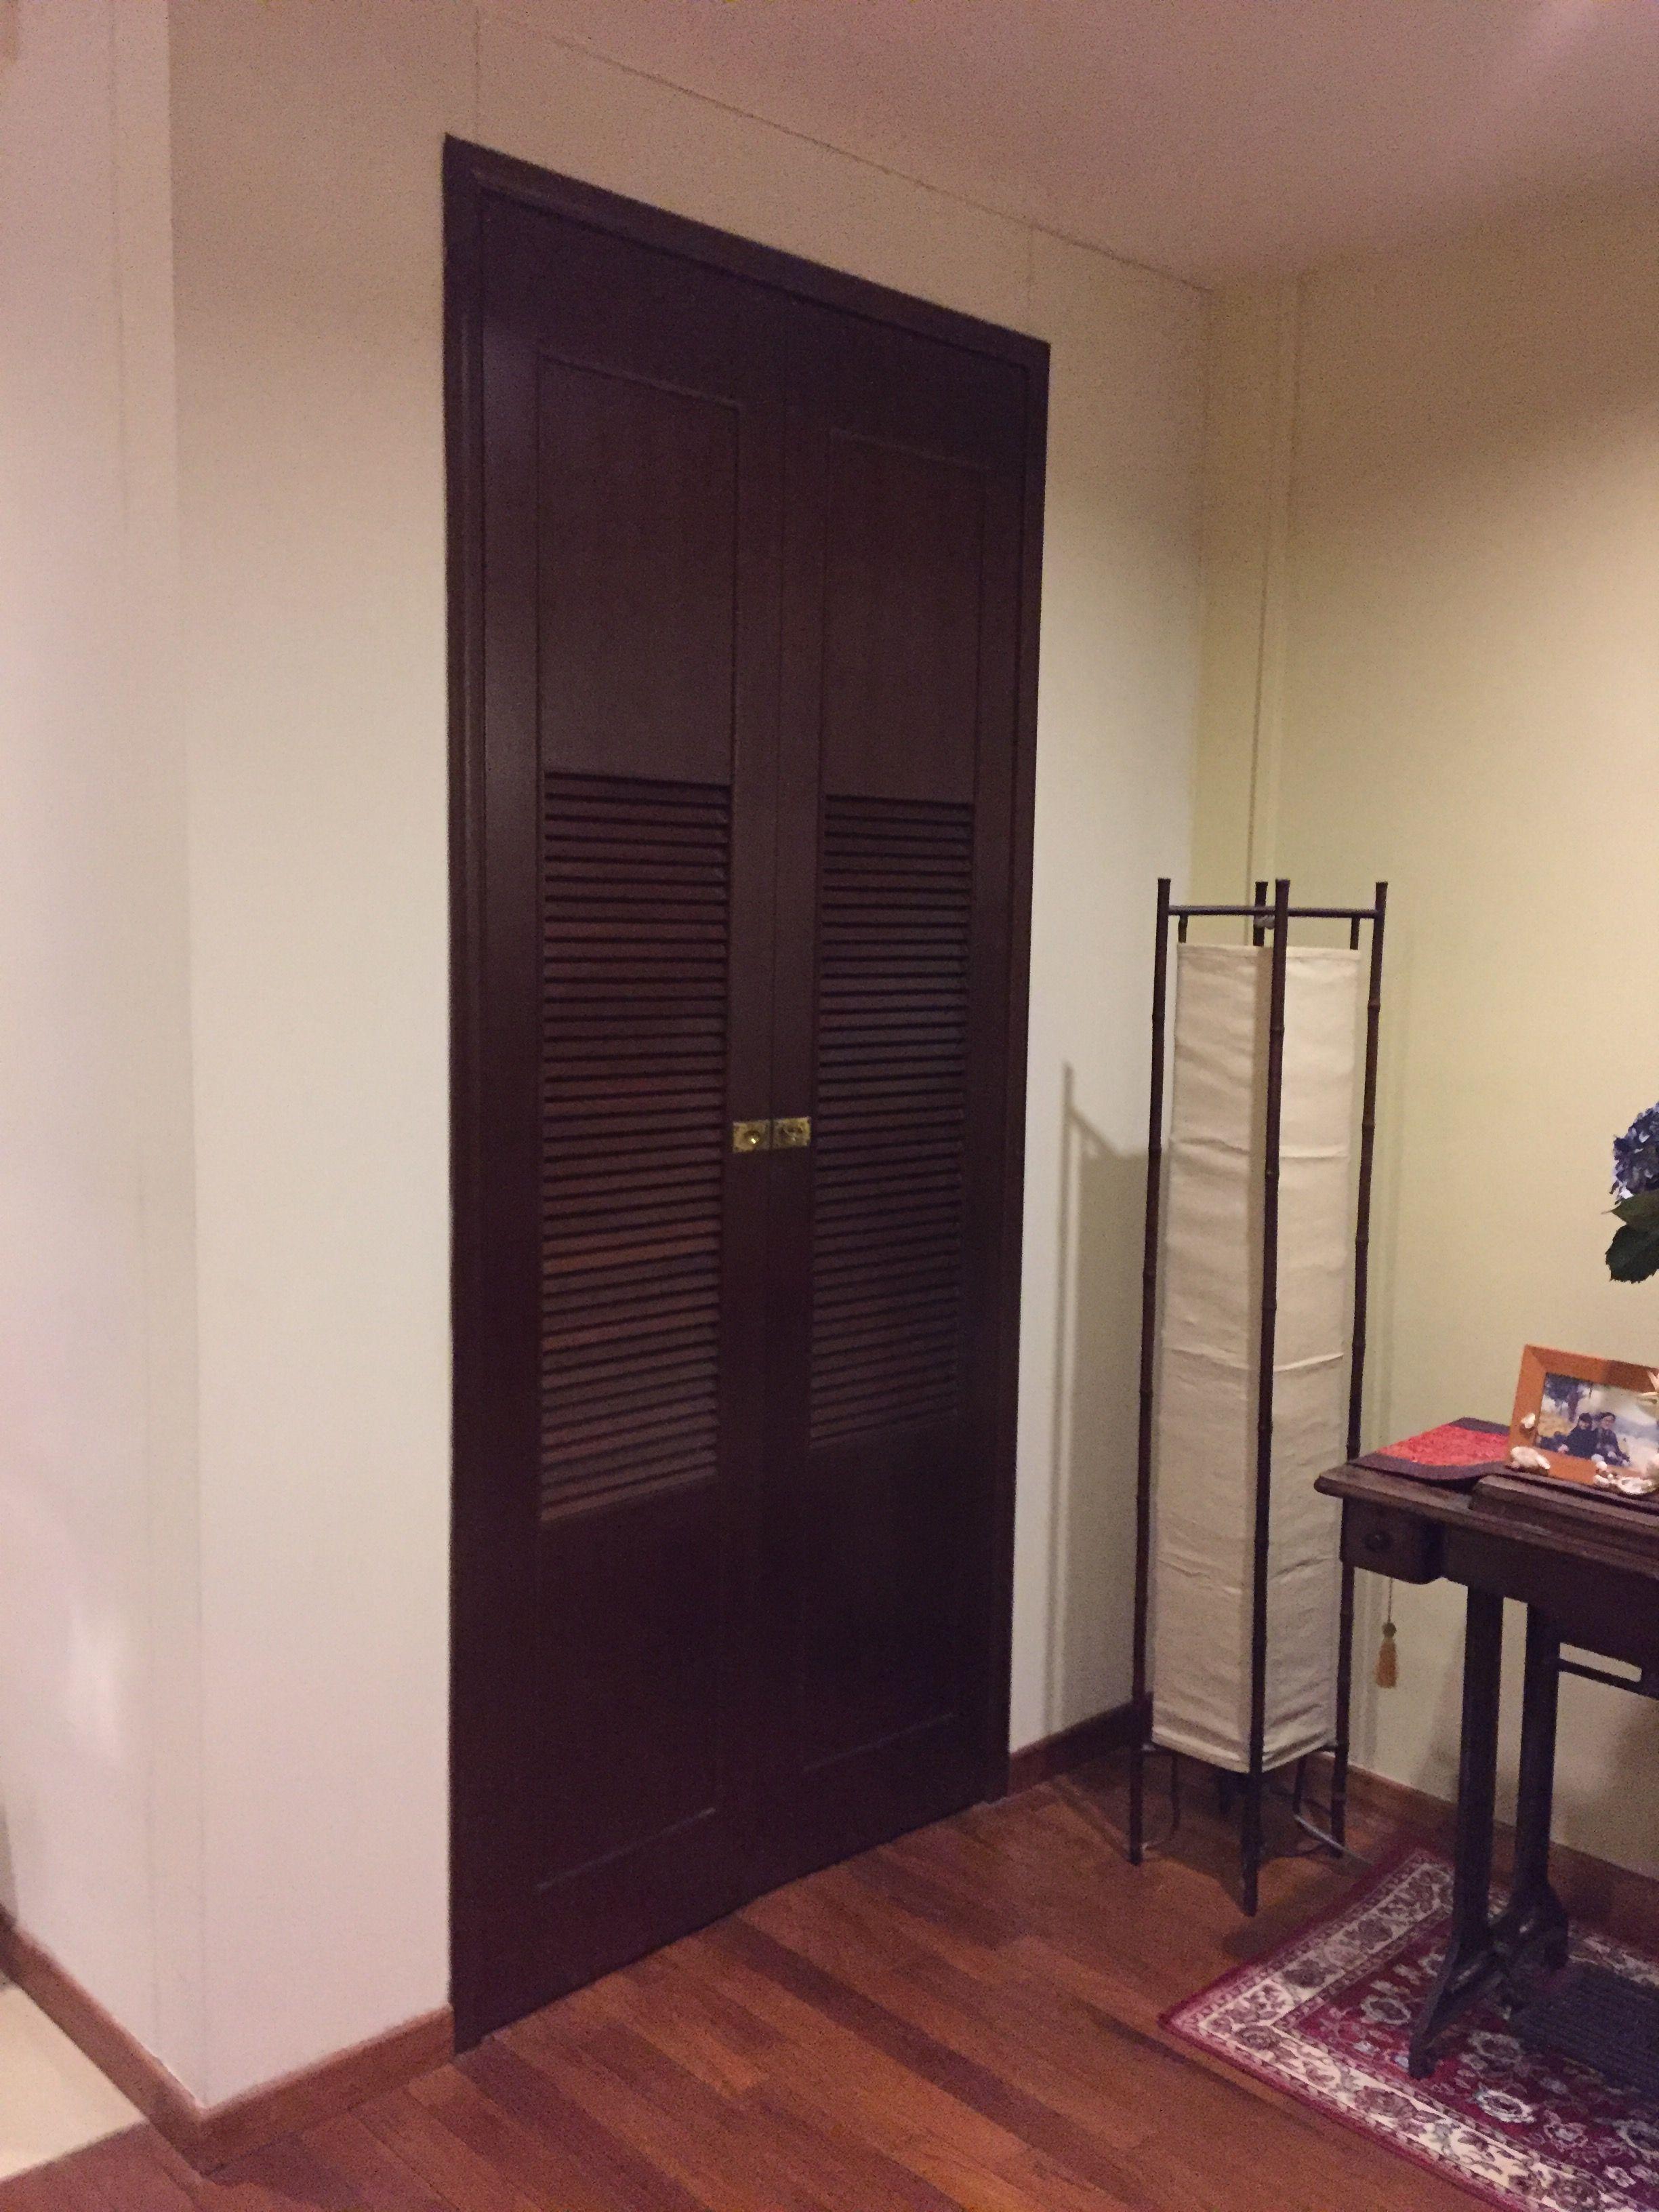 5 room hdb master bedroom design  CCK AVE  Interior HDB  Pinterest